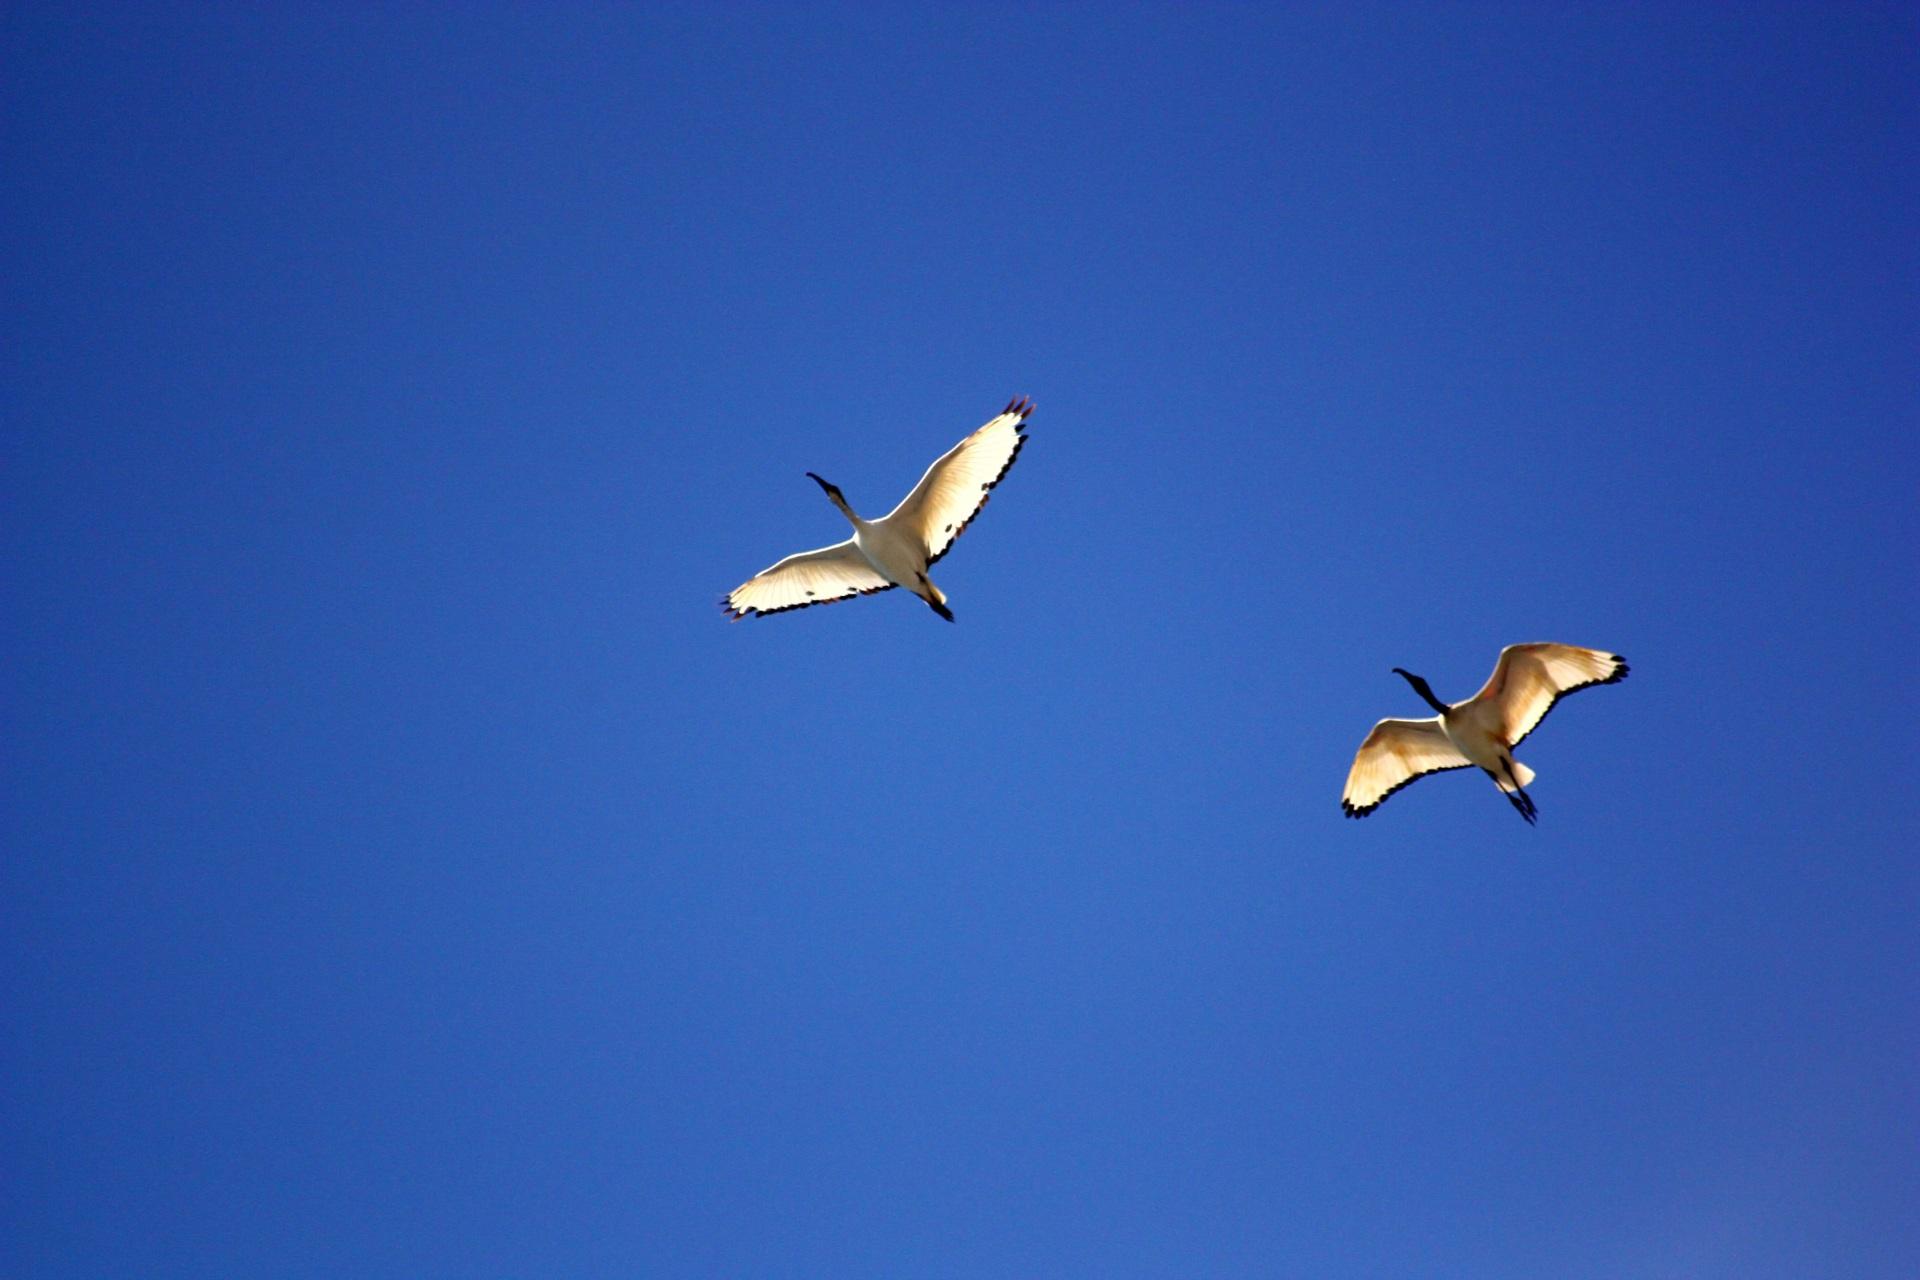 этот картинки летать в небе как птицы тысячи